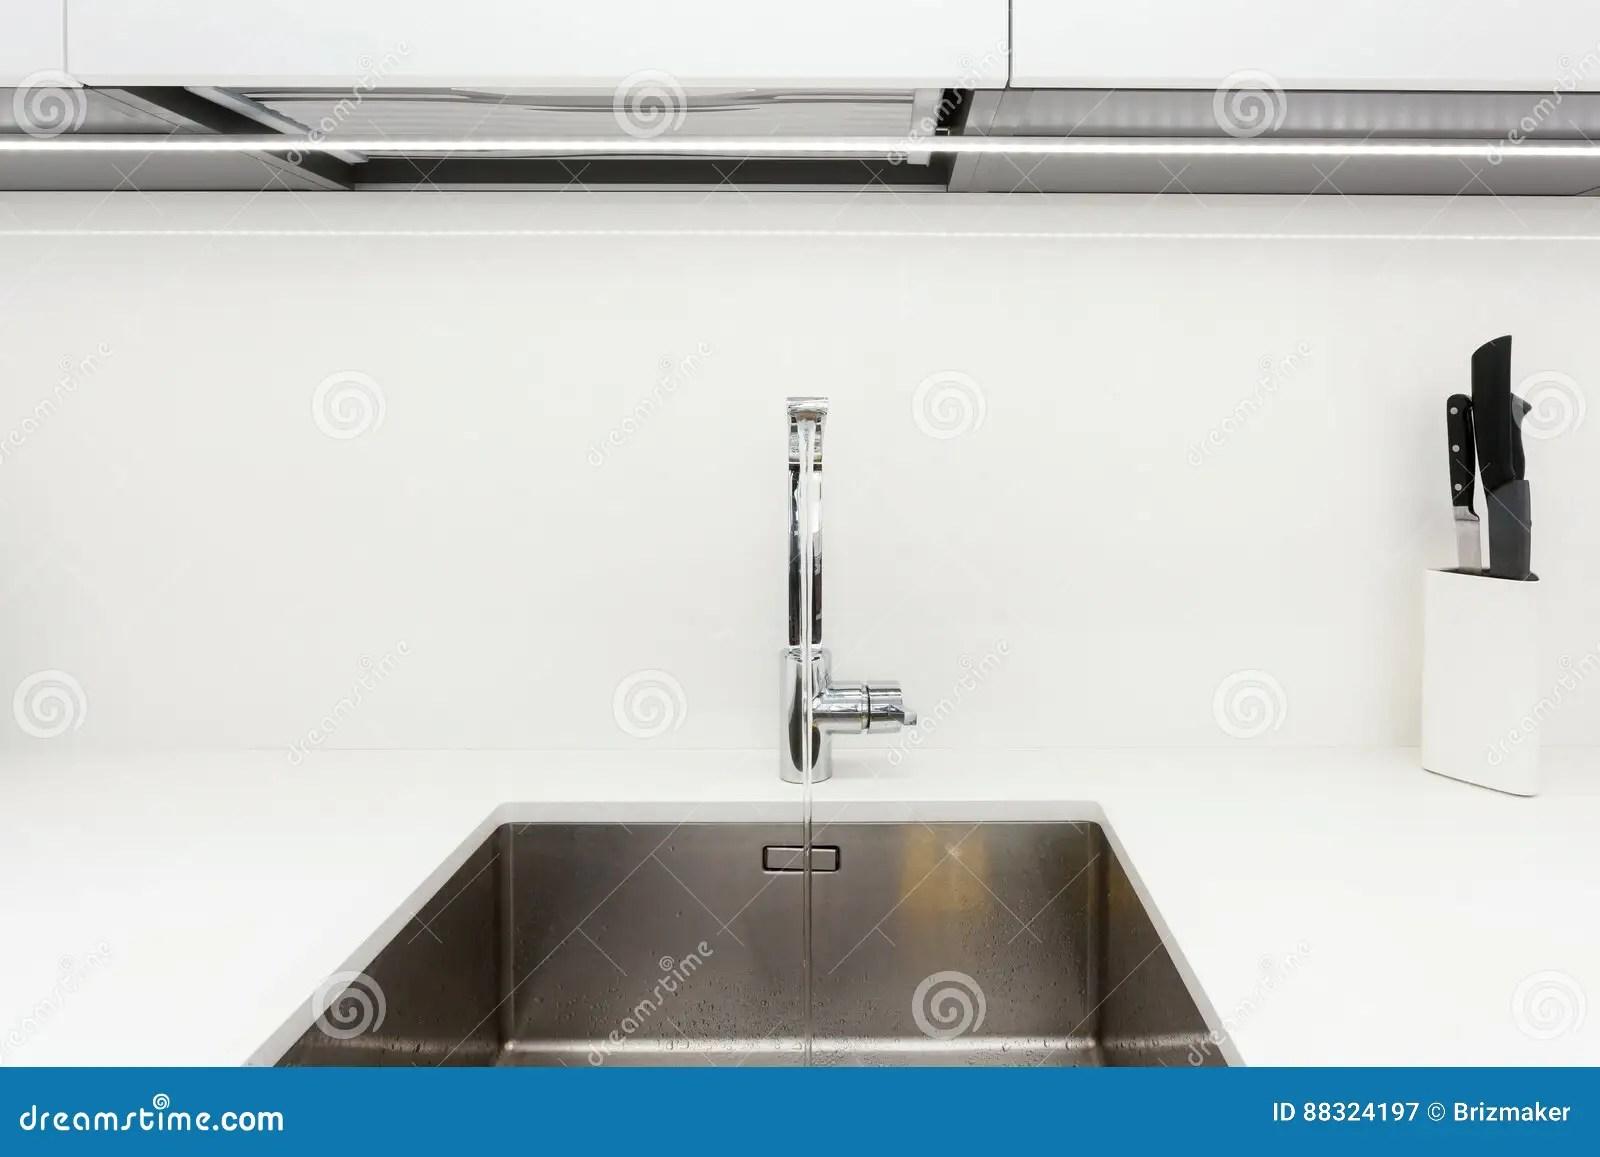 24 kitchen sink island carts 在不锈钢厨房水槽的现代设计师镀铬物水龙头明亮的白色厨房内部库存图片 在不锈钢厨房水槽的现代设计师镀铬物水龙头明亮的白色厨房内部